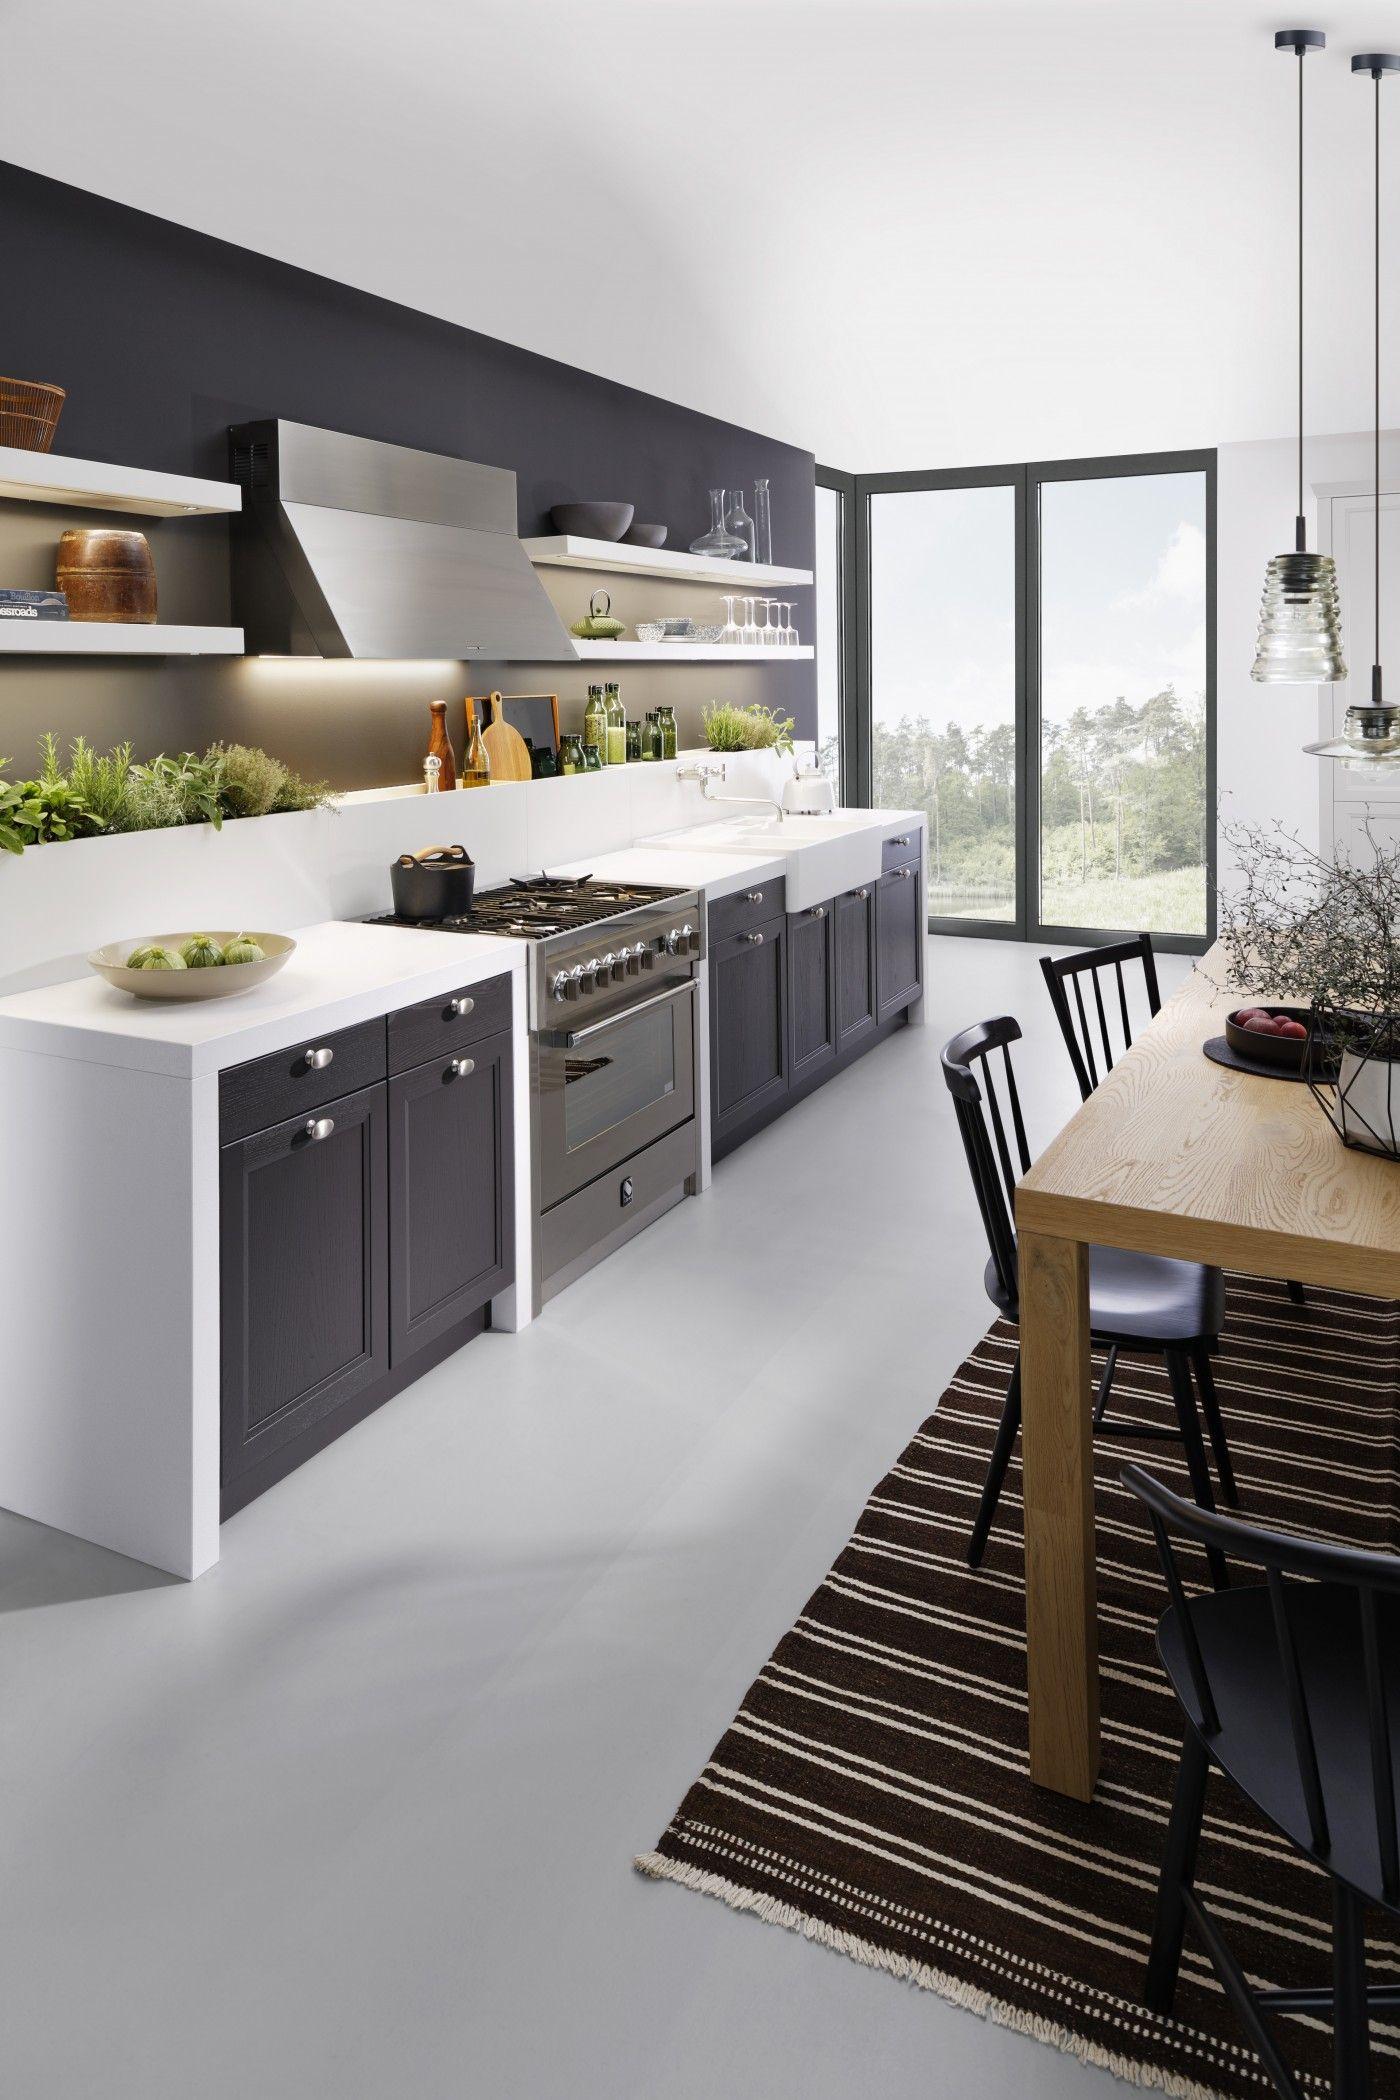 Ausgezeichnet Shaker Stil Küche Bq Galerie - Küche Set Ideen ...